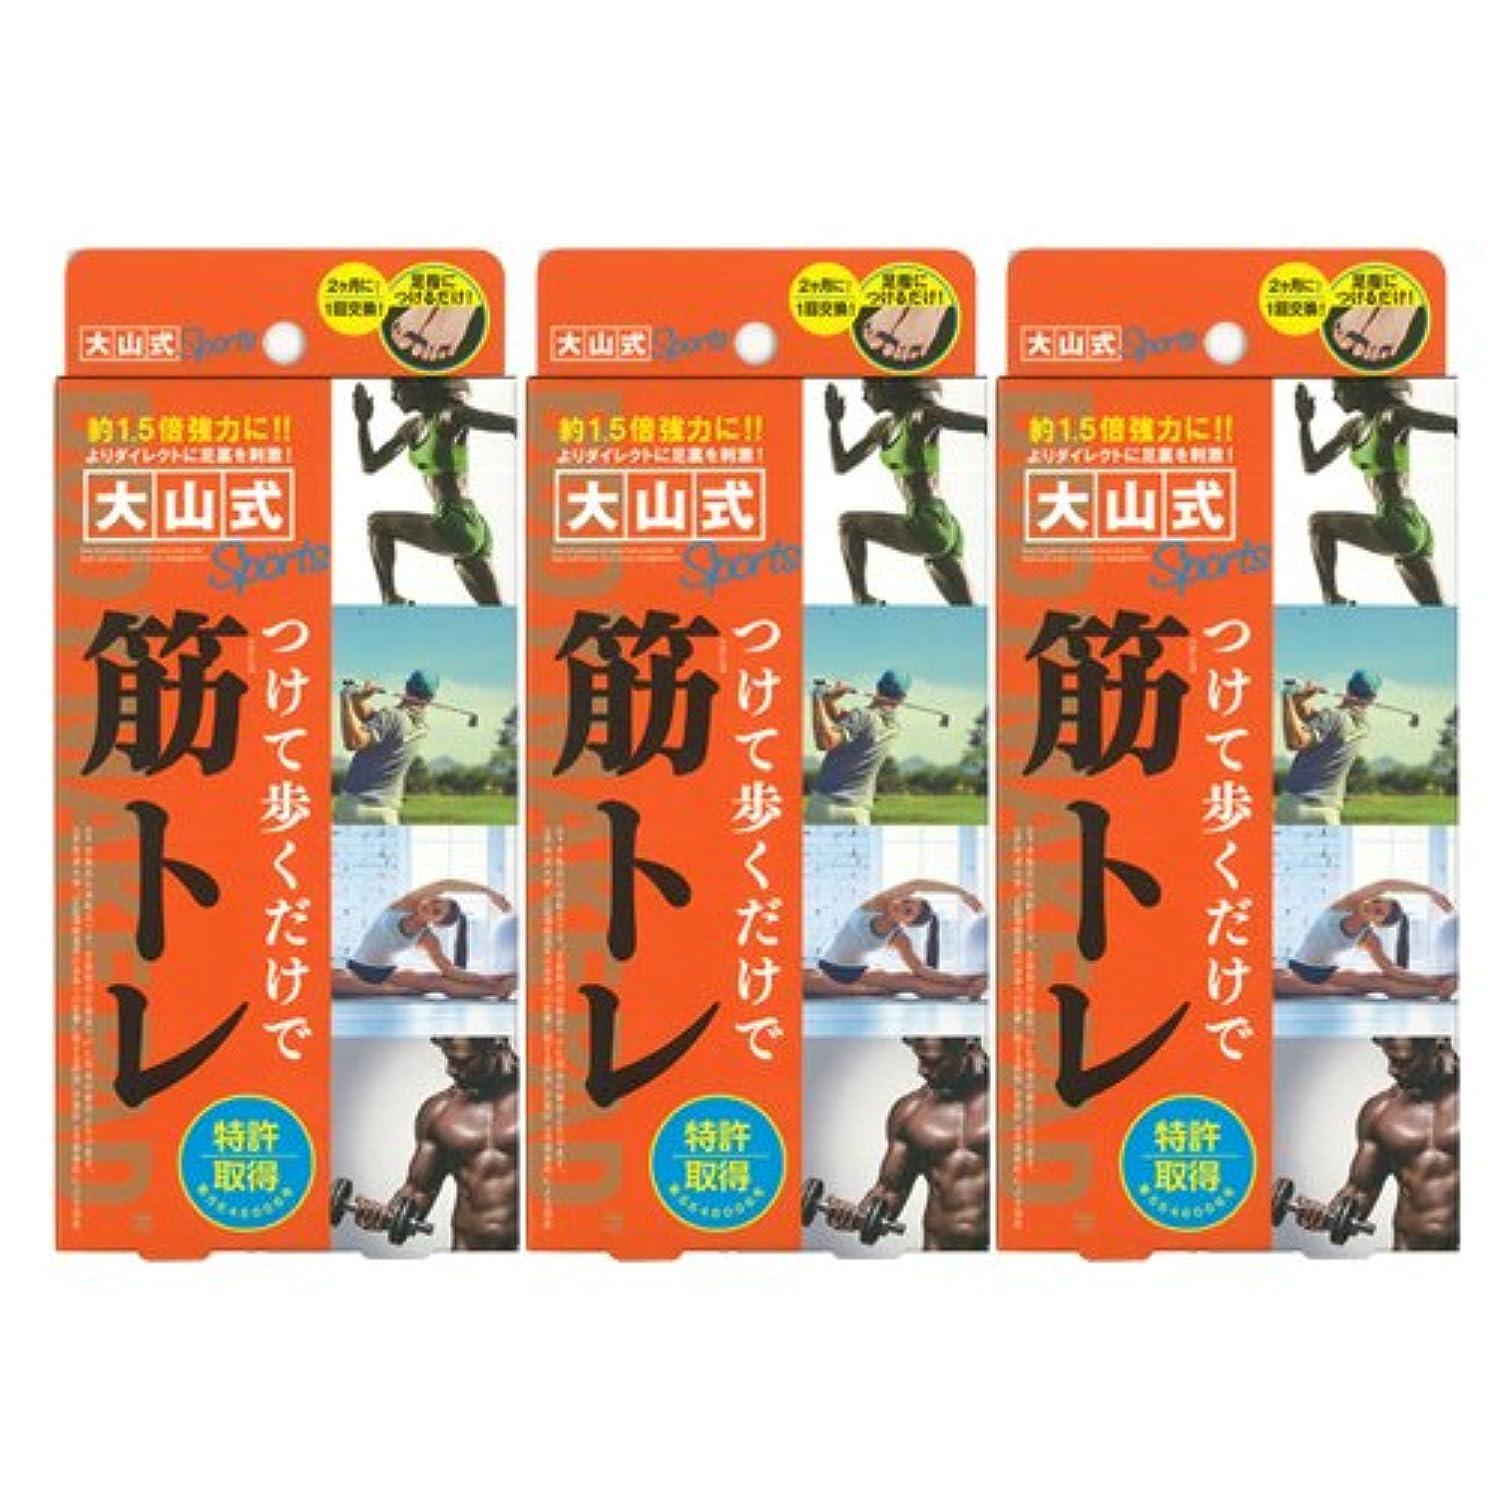 資格海里くるみ大山式ボディメイクパッド スポーツ ×3箱セット